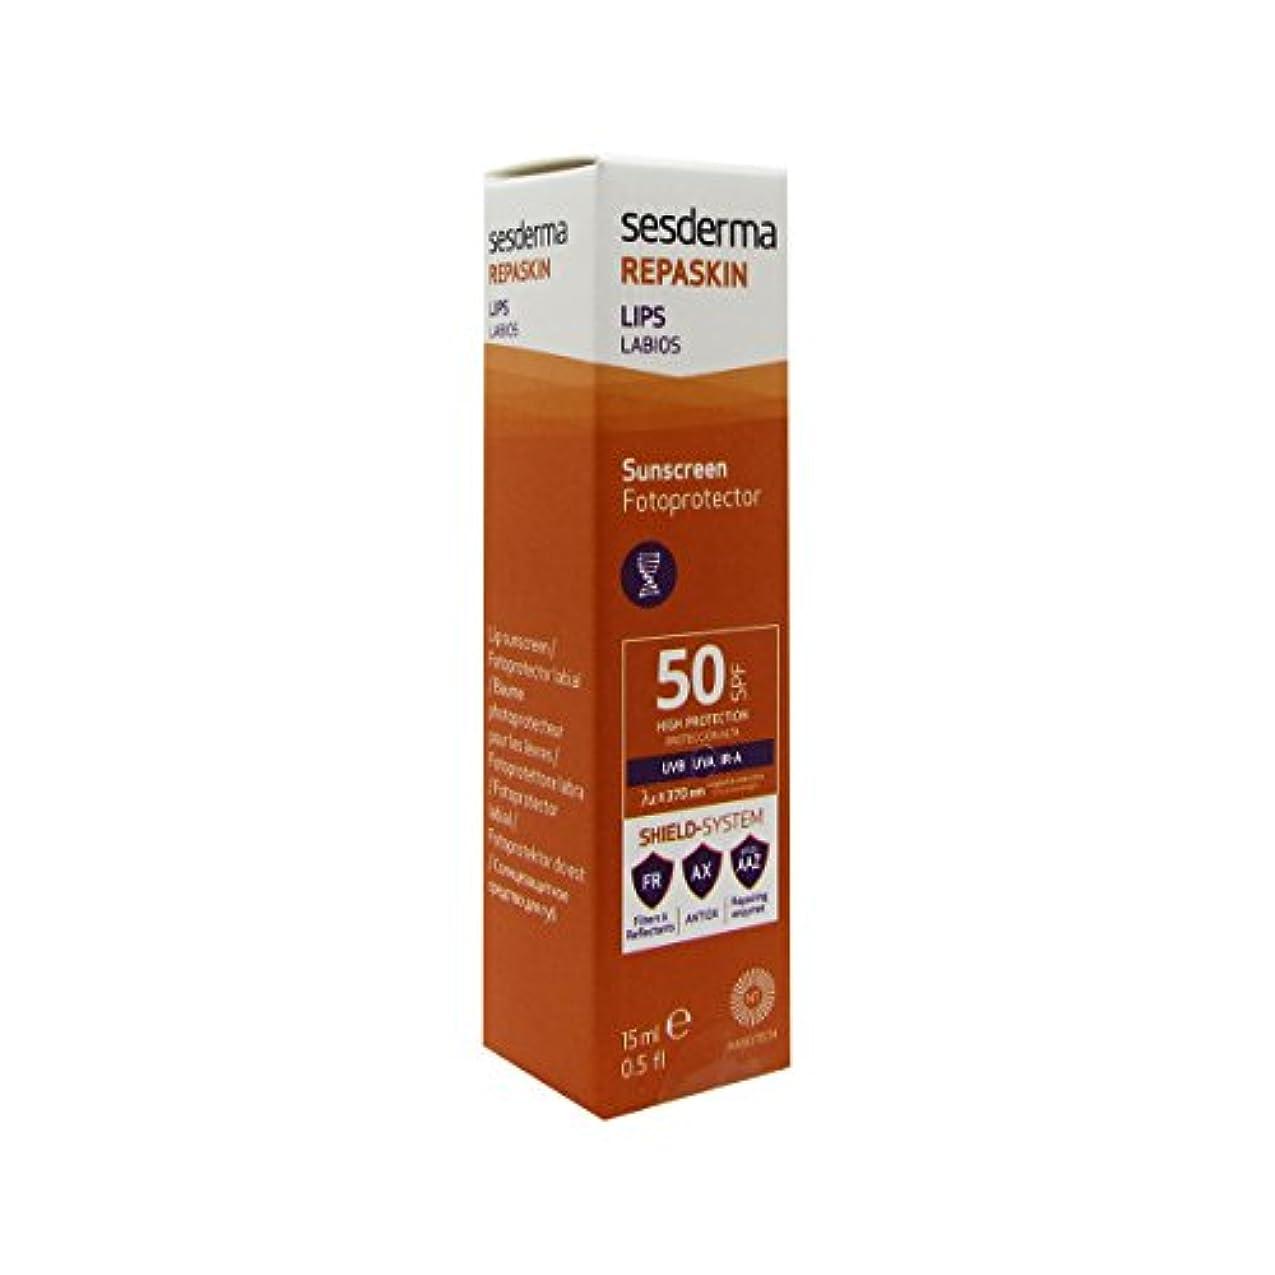 ジャンクうれしい断線Sesderma Repaskin Lips Spf50 15ml [並行輸入品]